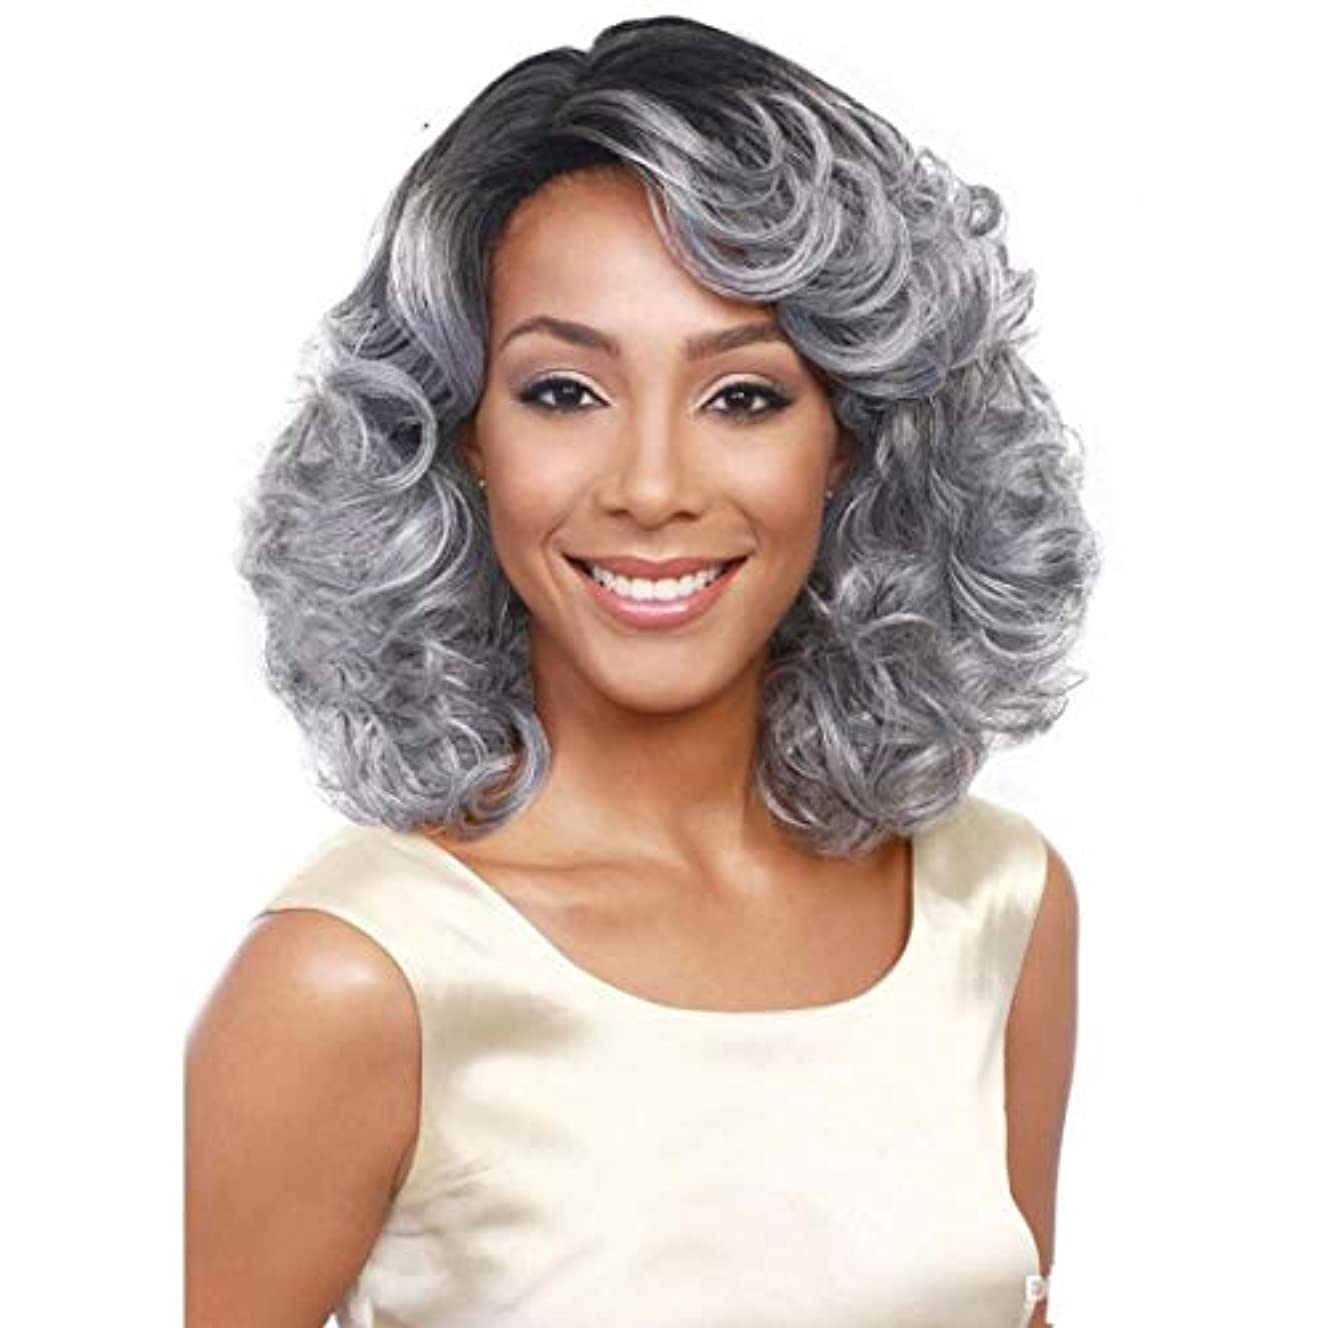 そのする必要がある別にKerwinner ソフト&スムーズ女性のためのグレーの短い巻き毛の化学繊維高温ワイヤーをかつら